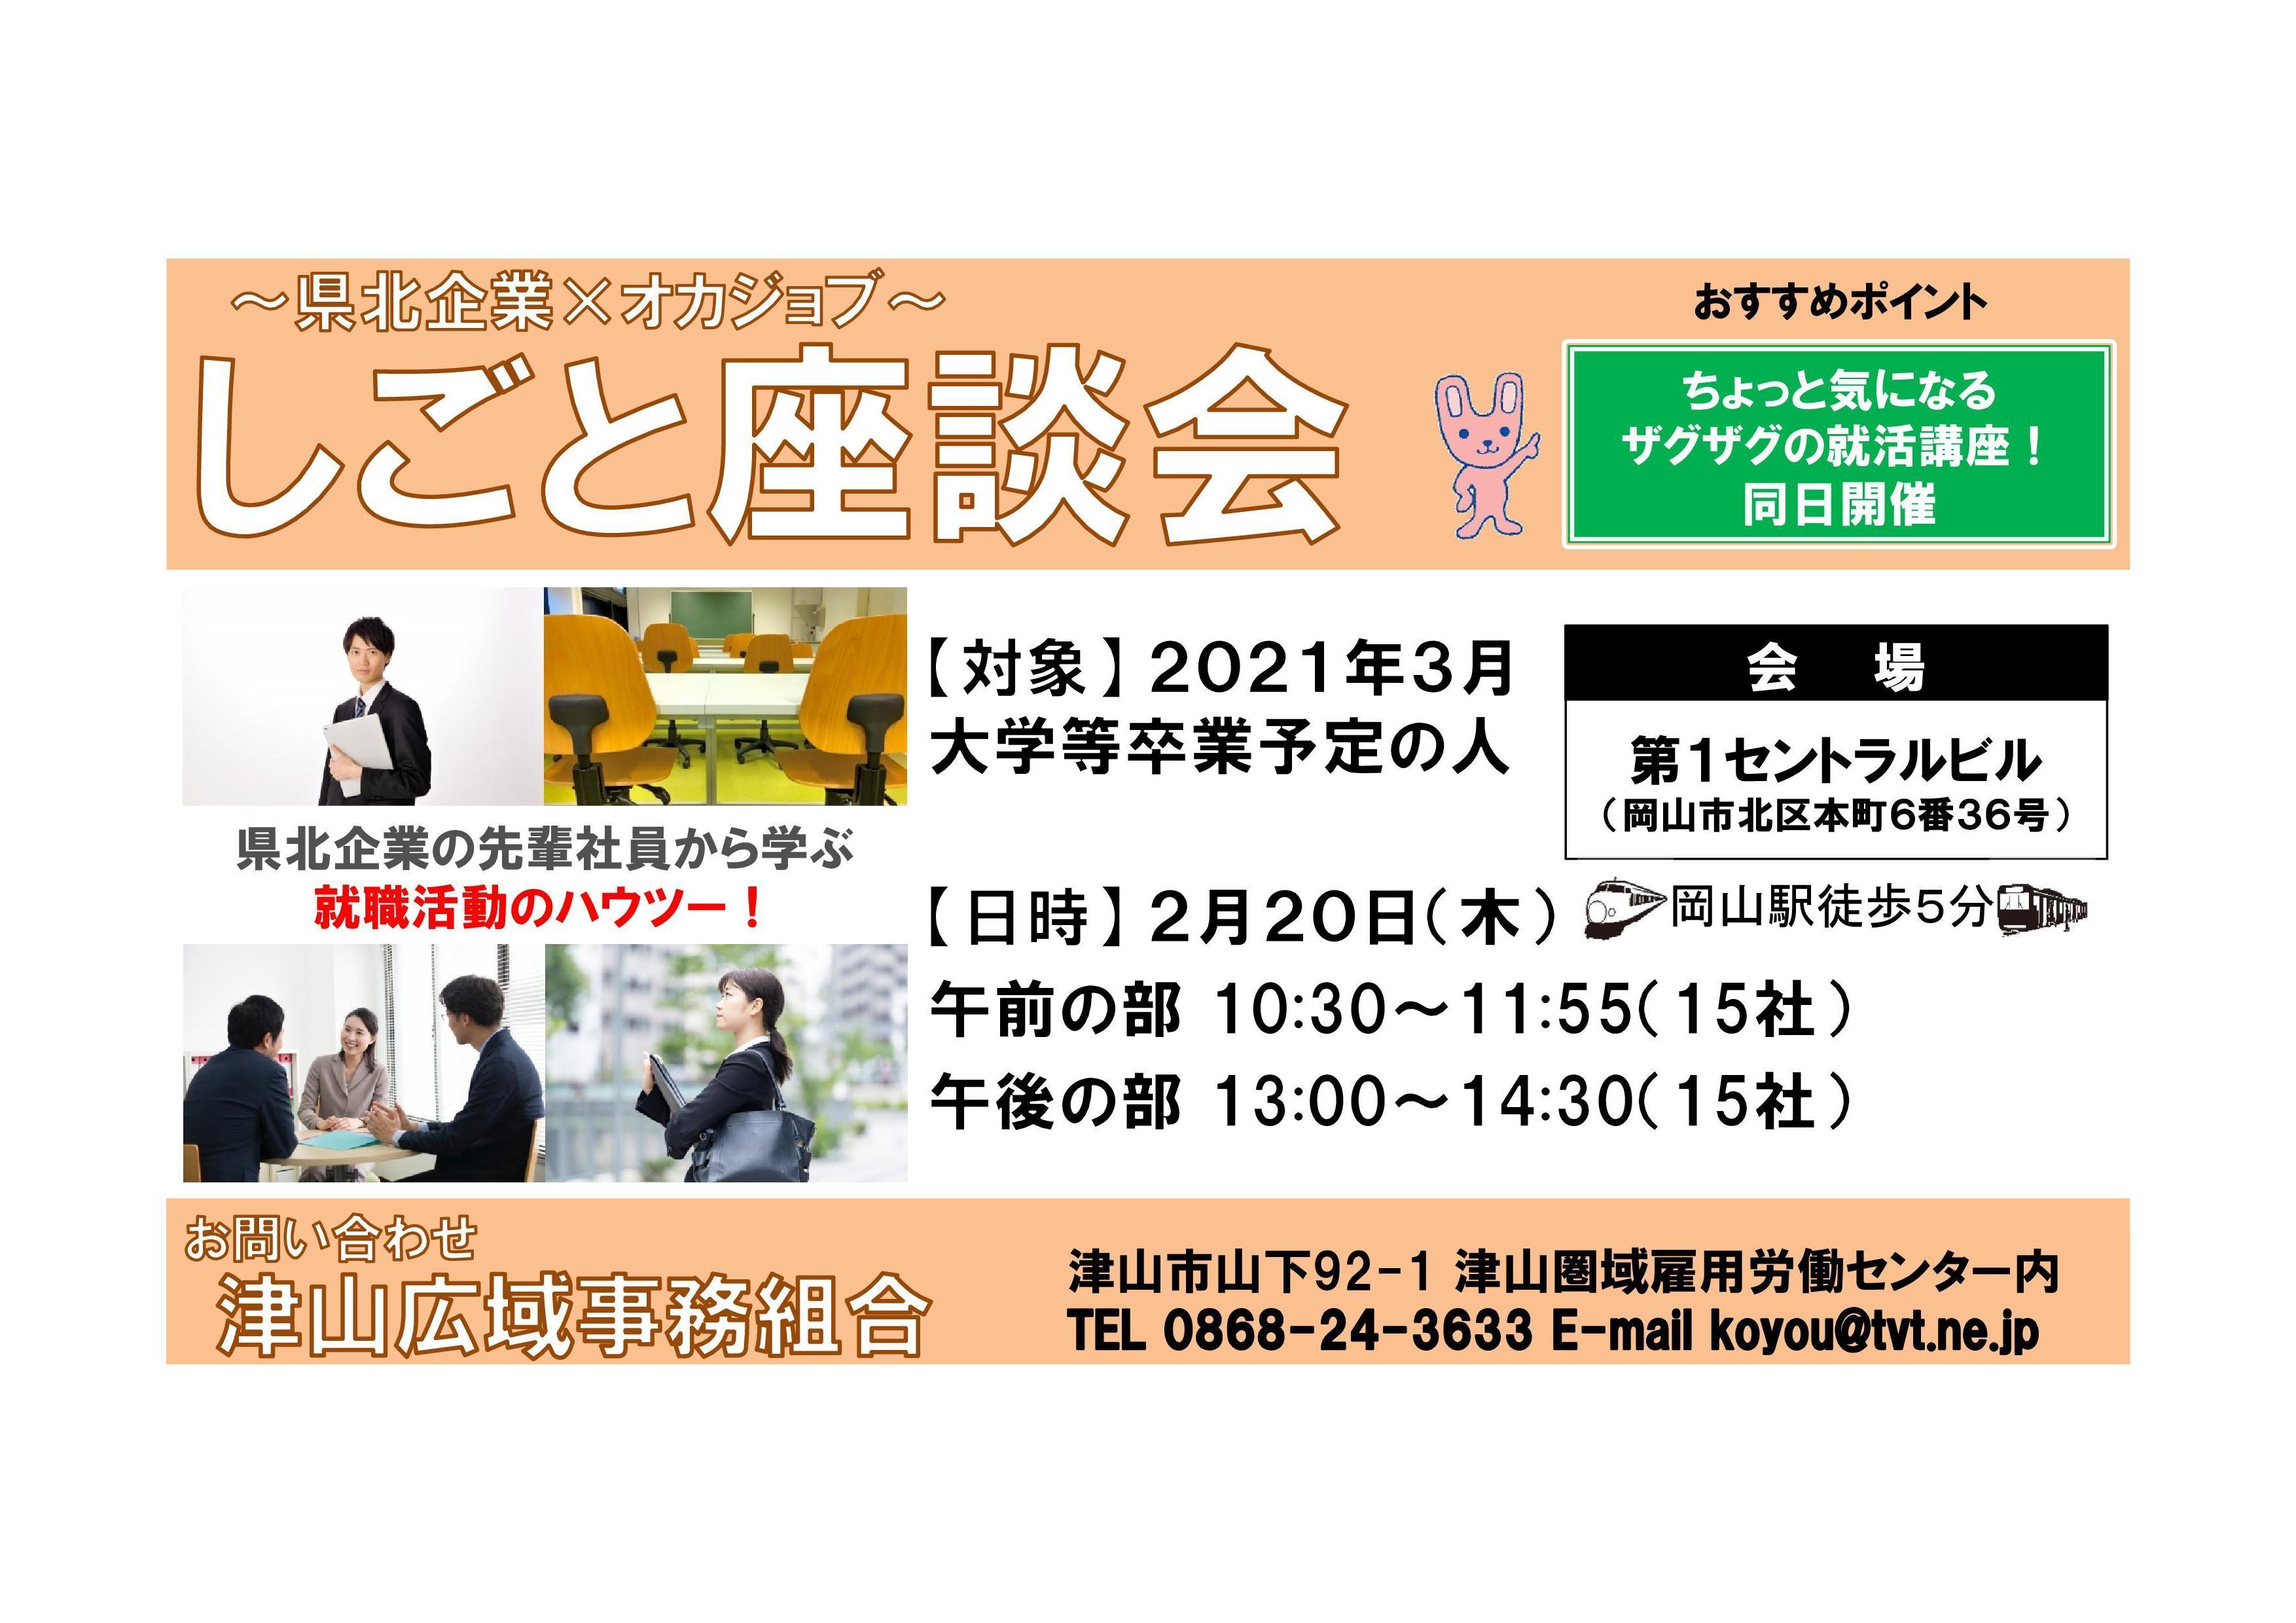 2020年2月20日(木)開催 ~岡山県北企業×オカジョブ~しごと座談会 参加者募集のお知らせ